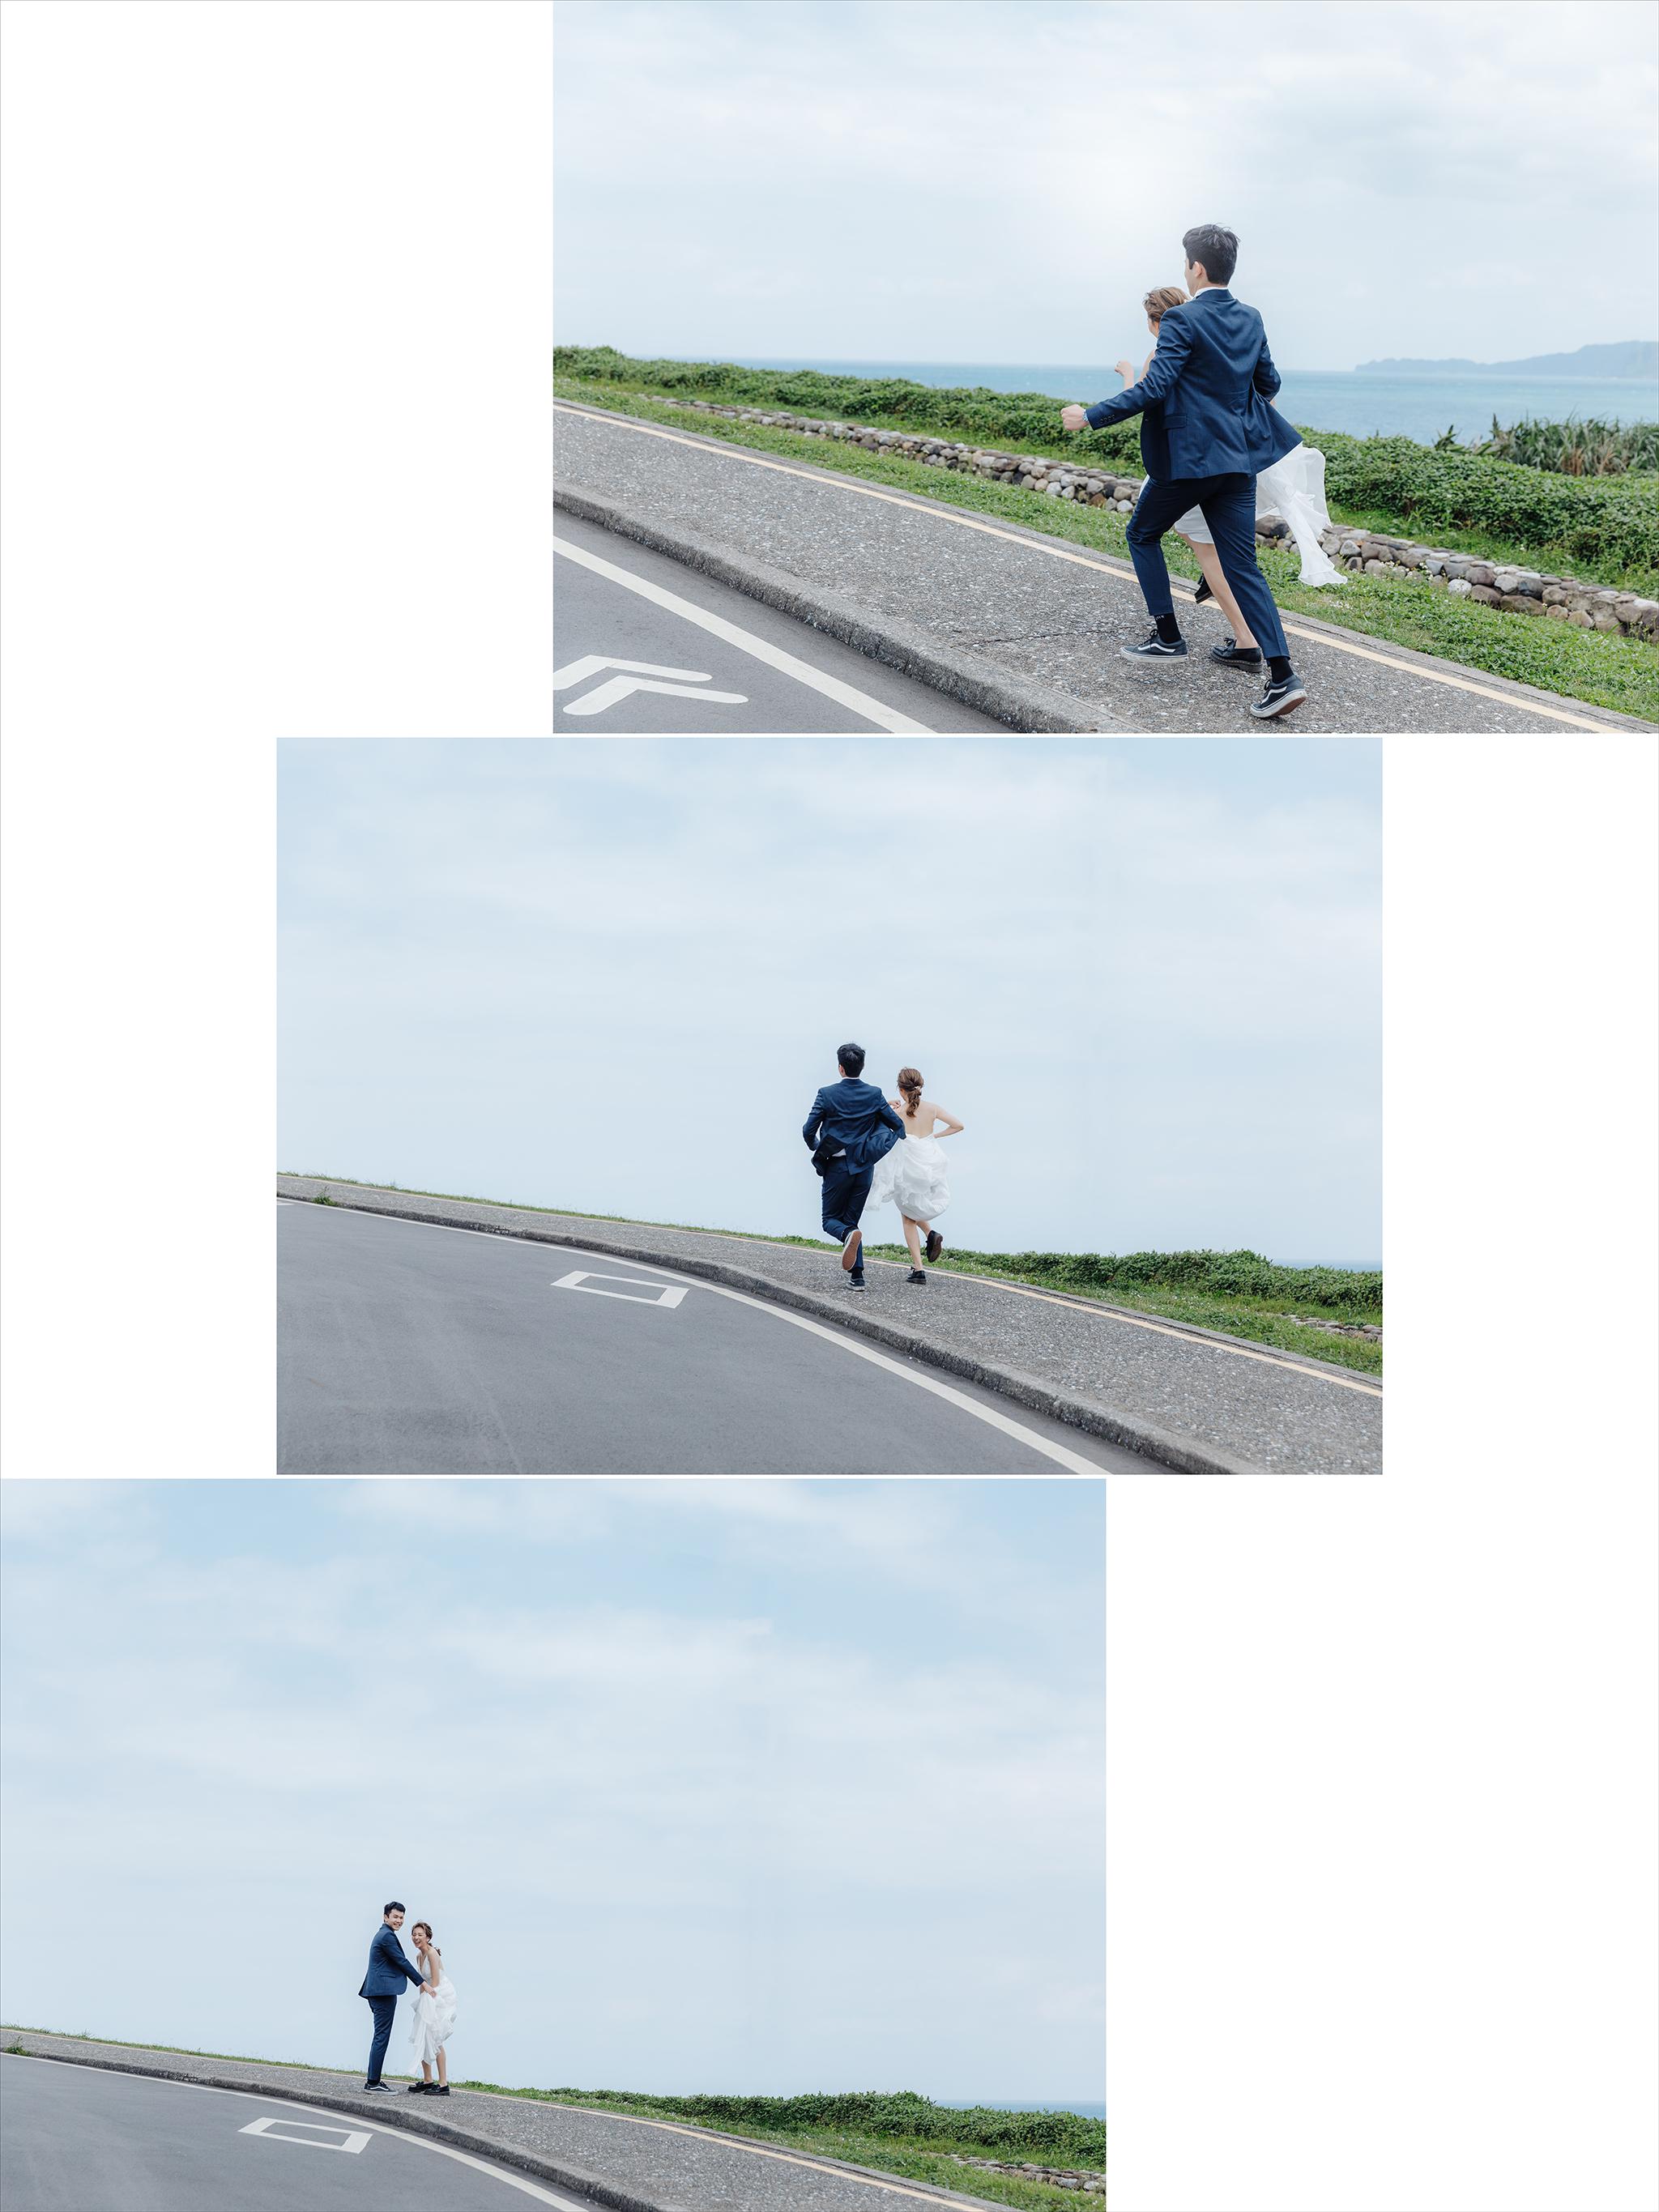 49866040951 5dbb0c3755 o - 【自助婚紗】+岱耘&宜民+